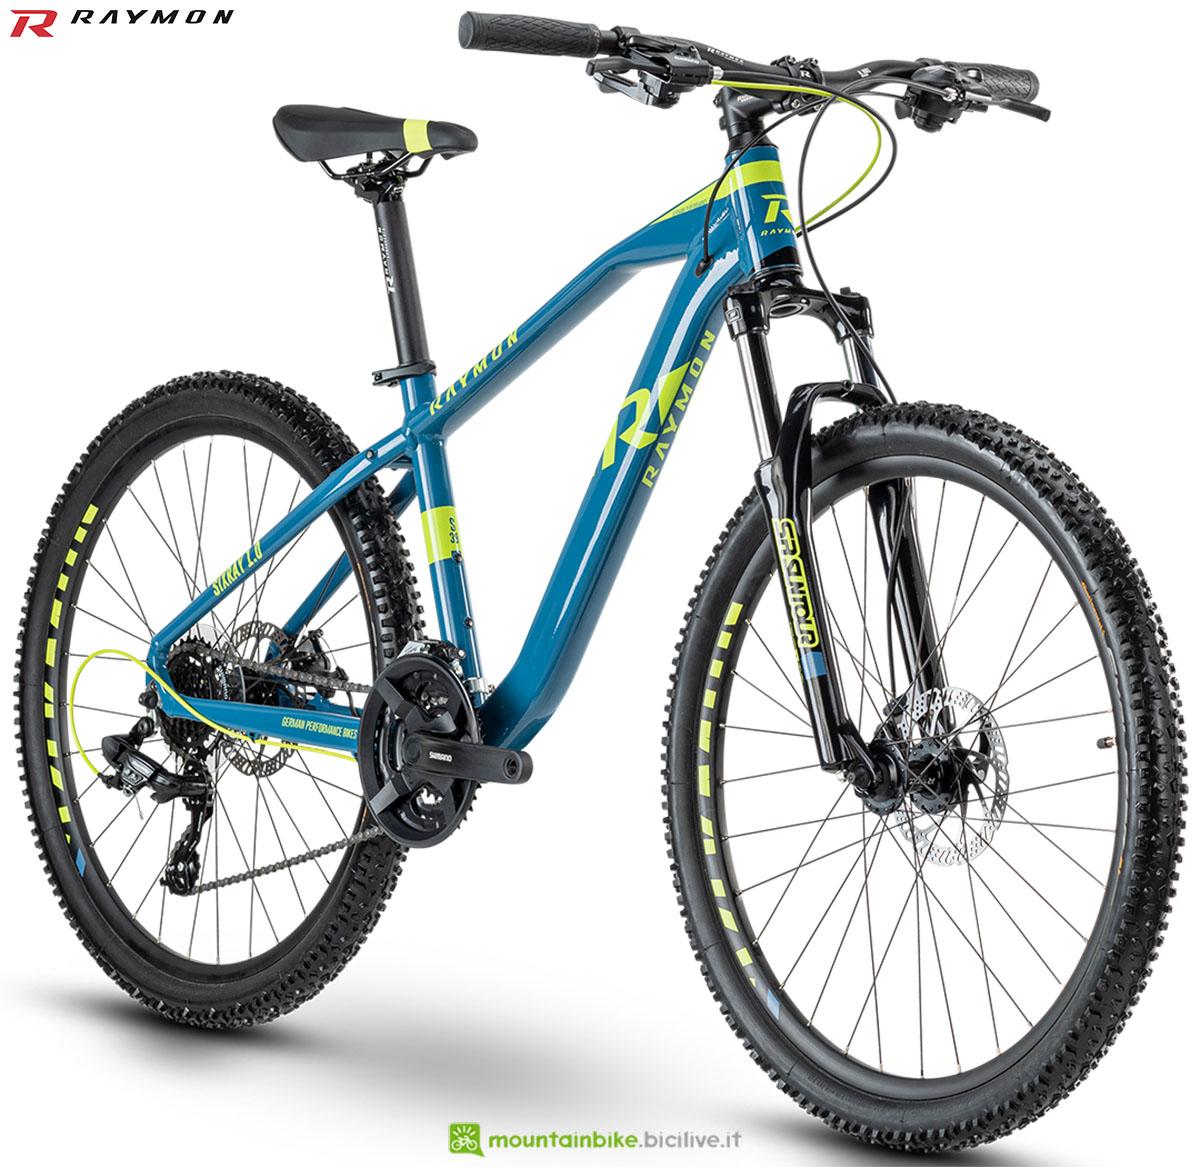 Una bici mtb R Raymon Sixray 1.0 2020